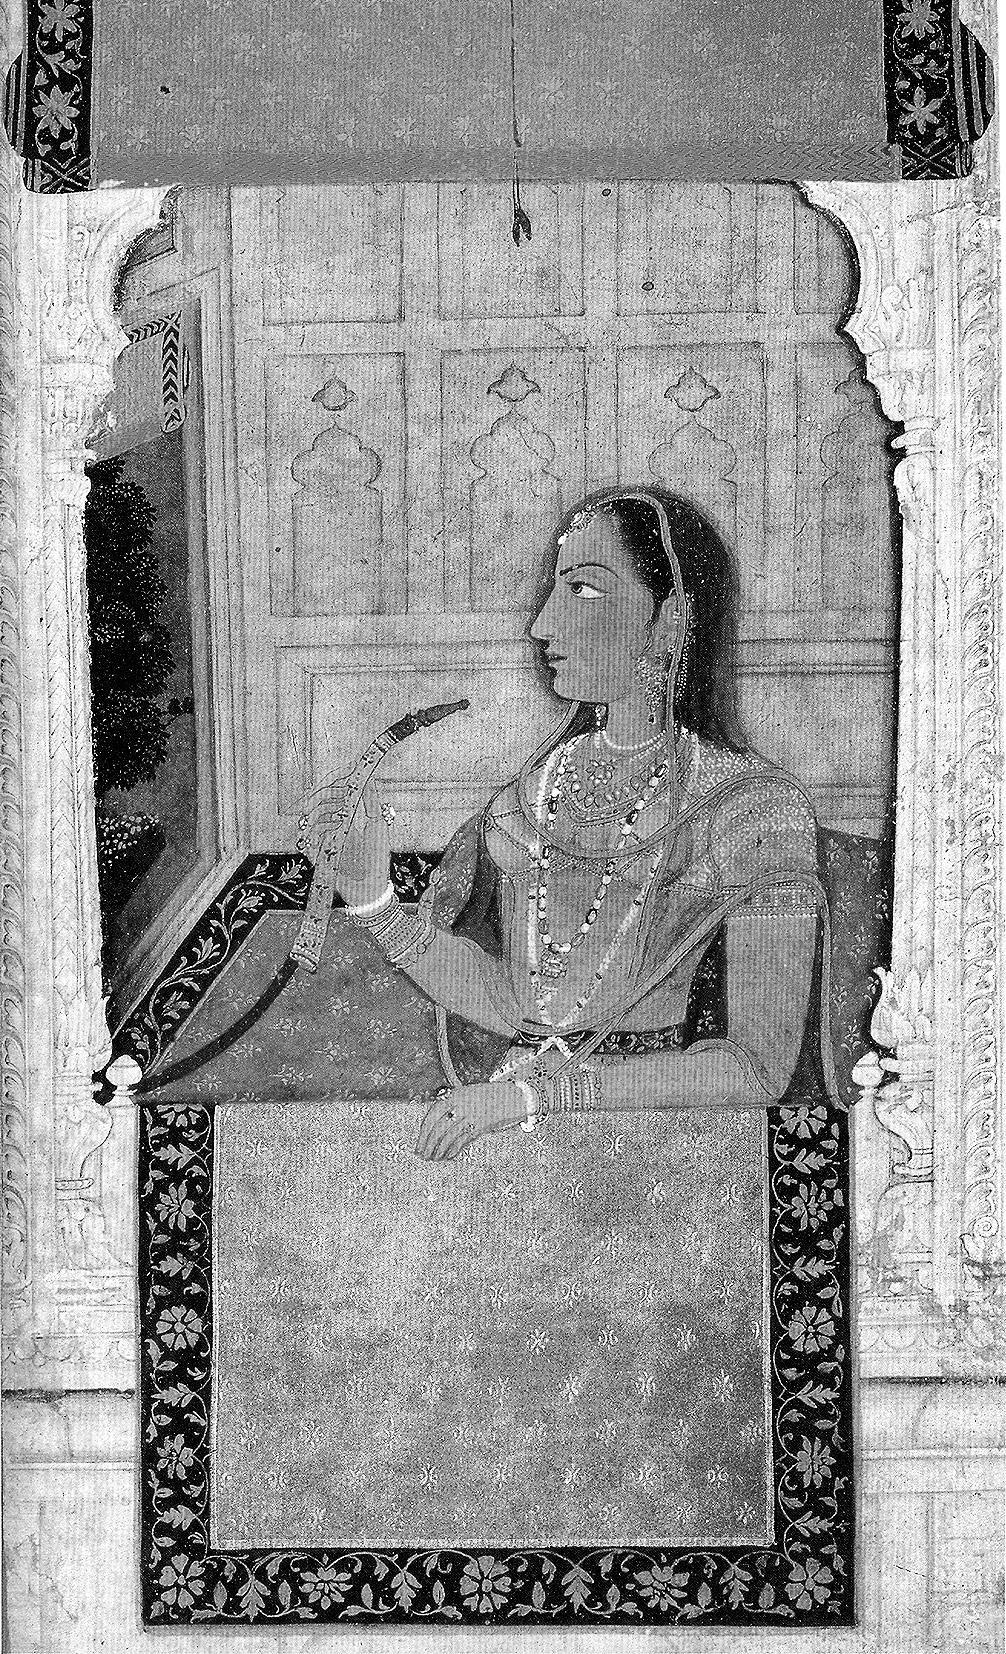 fille anglaise datant musulmane rencontres Apps Inde pour marié